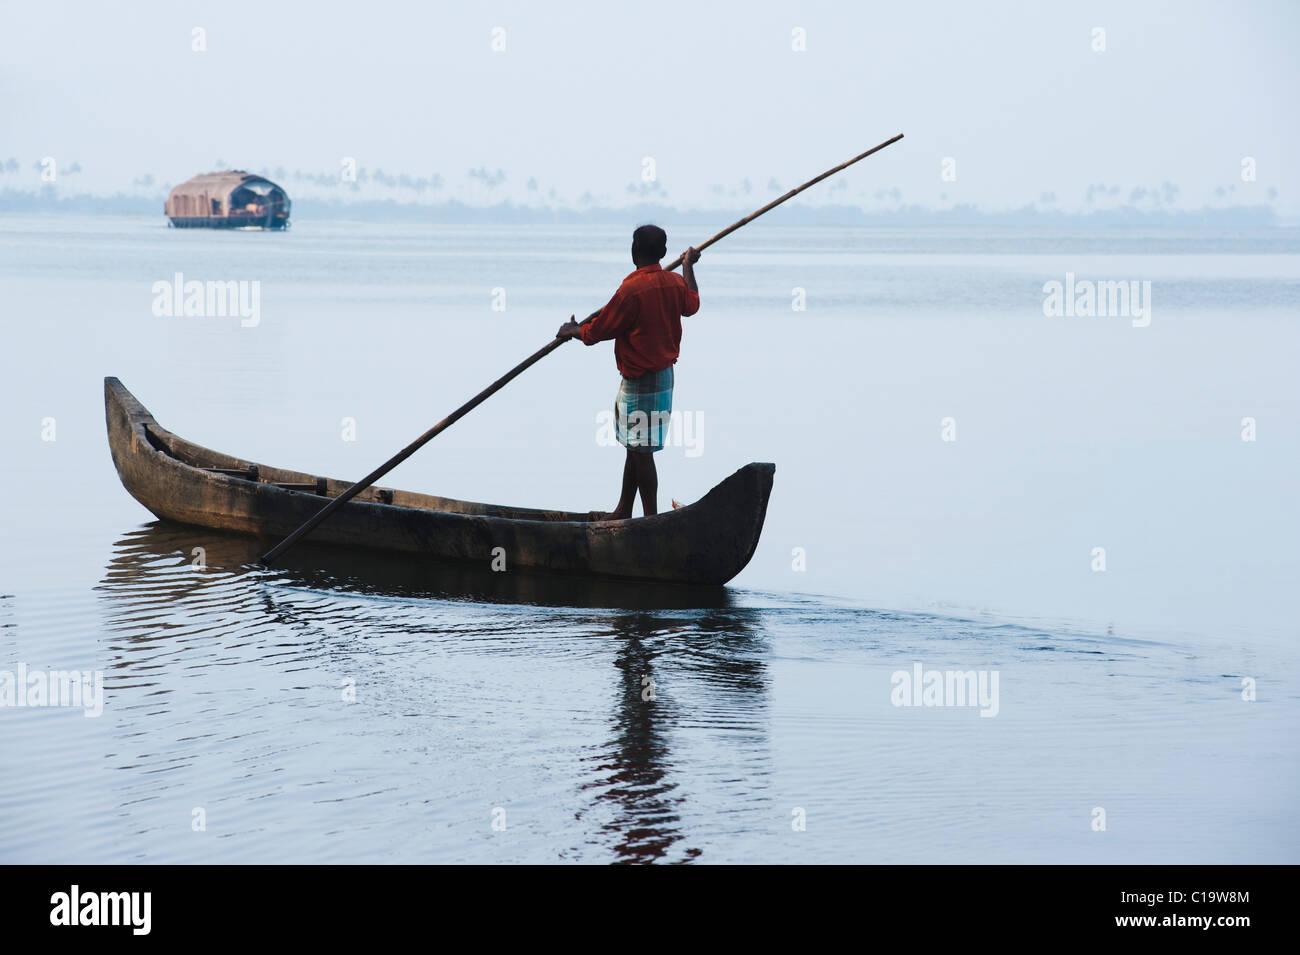 Un bateau d'aviron de l'homme dans une lagune, Kerala Backwaters, Alleppey Alappuzha, District, Kerala, Photo Stock